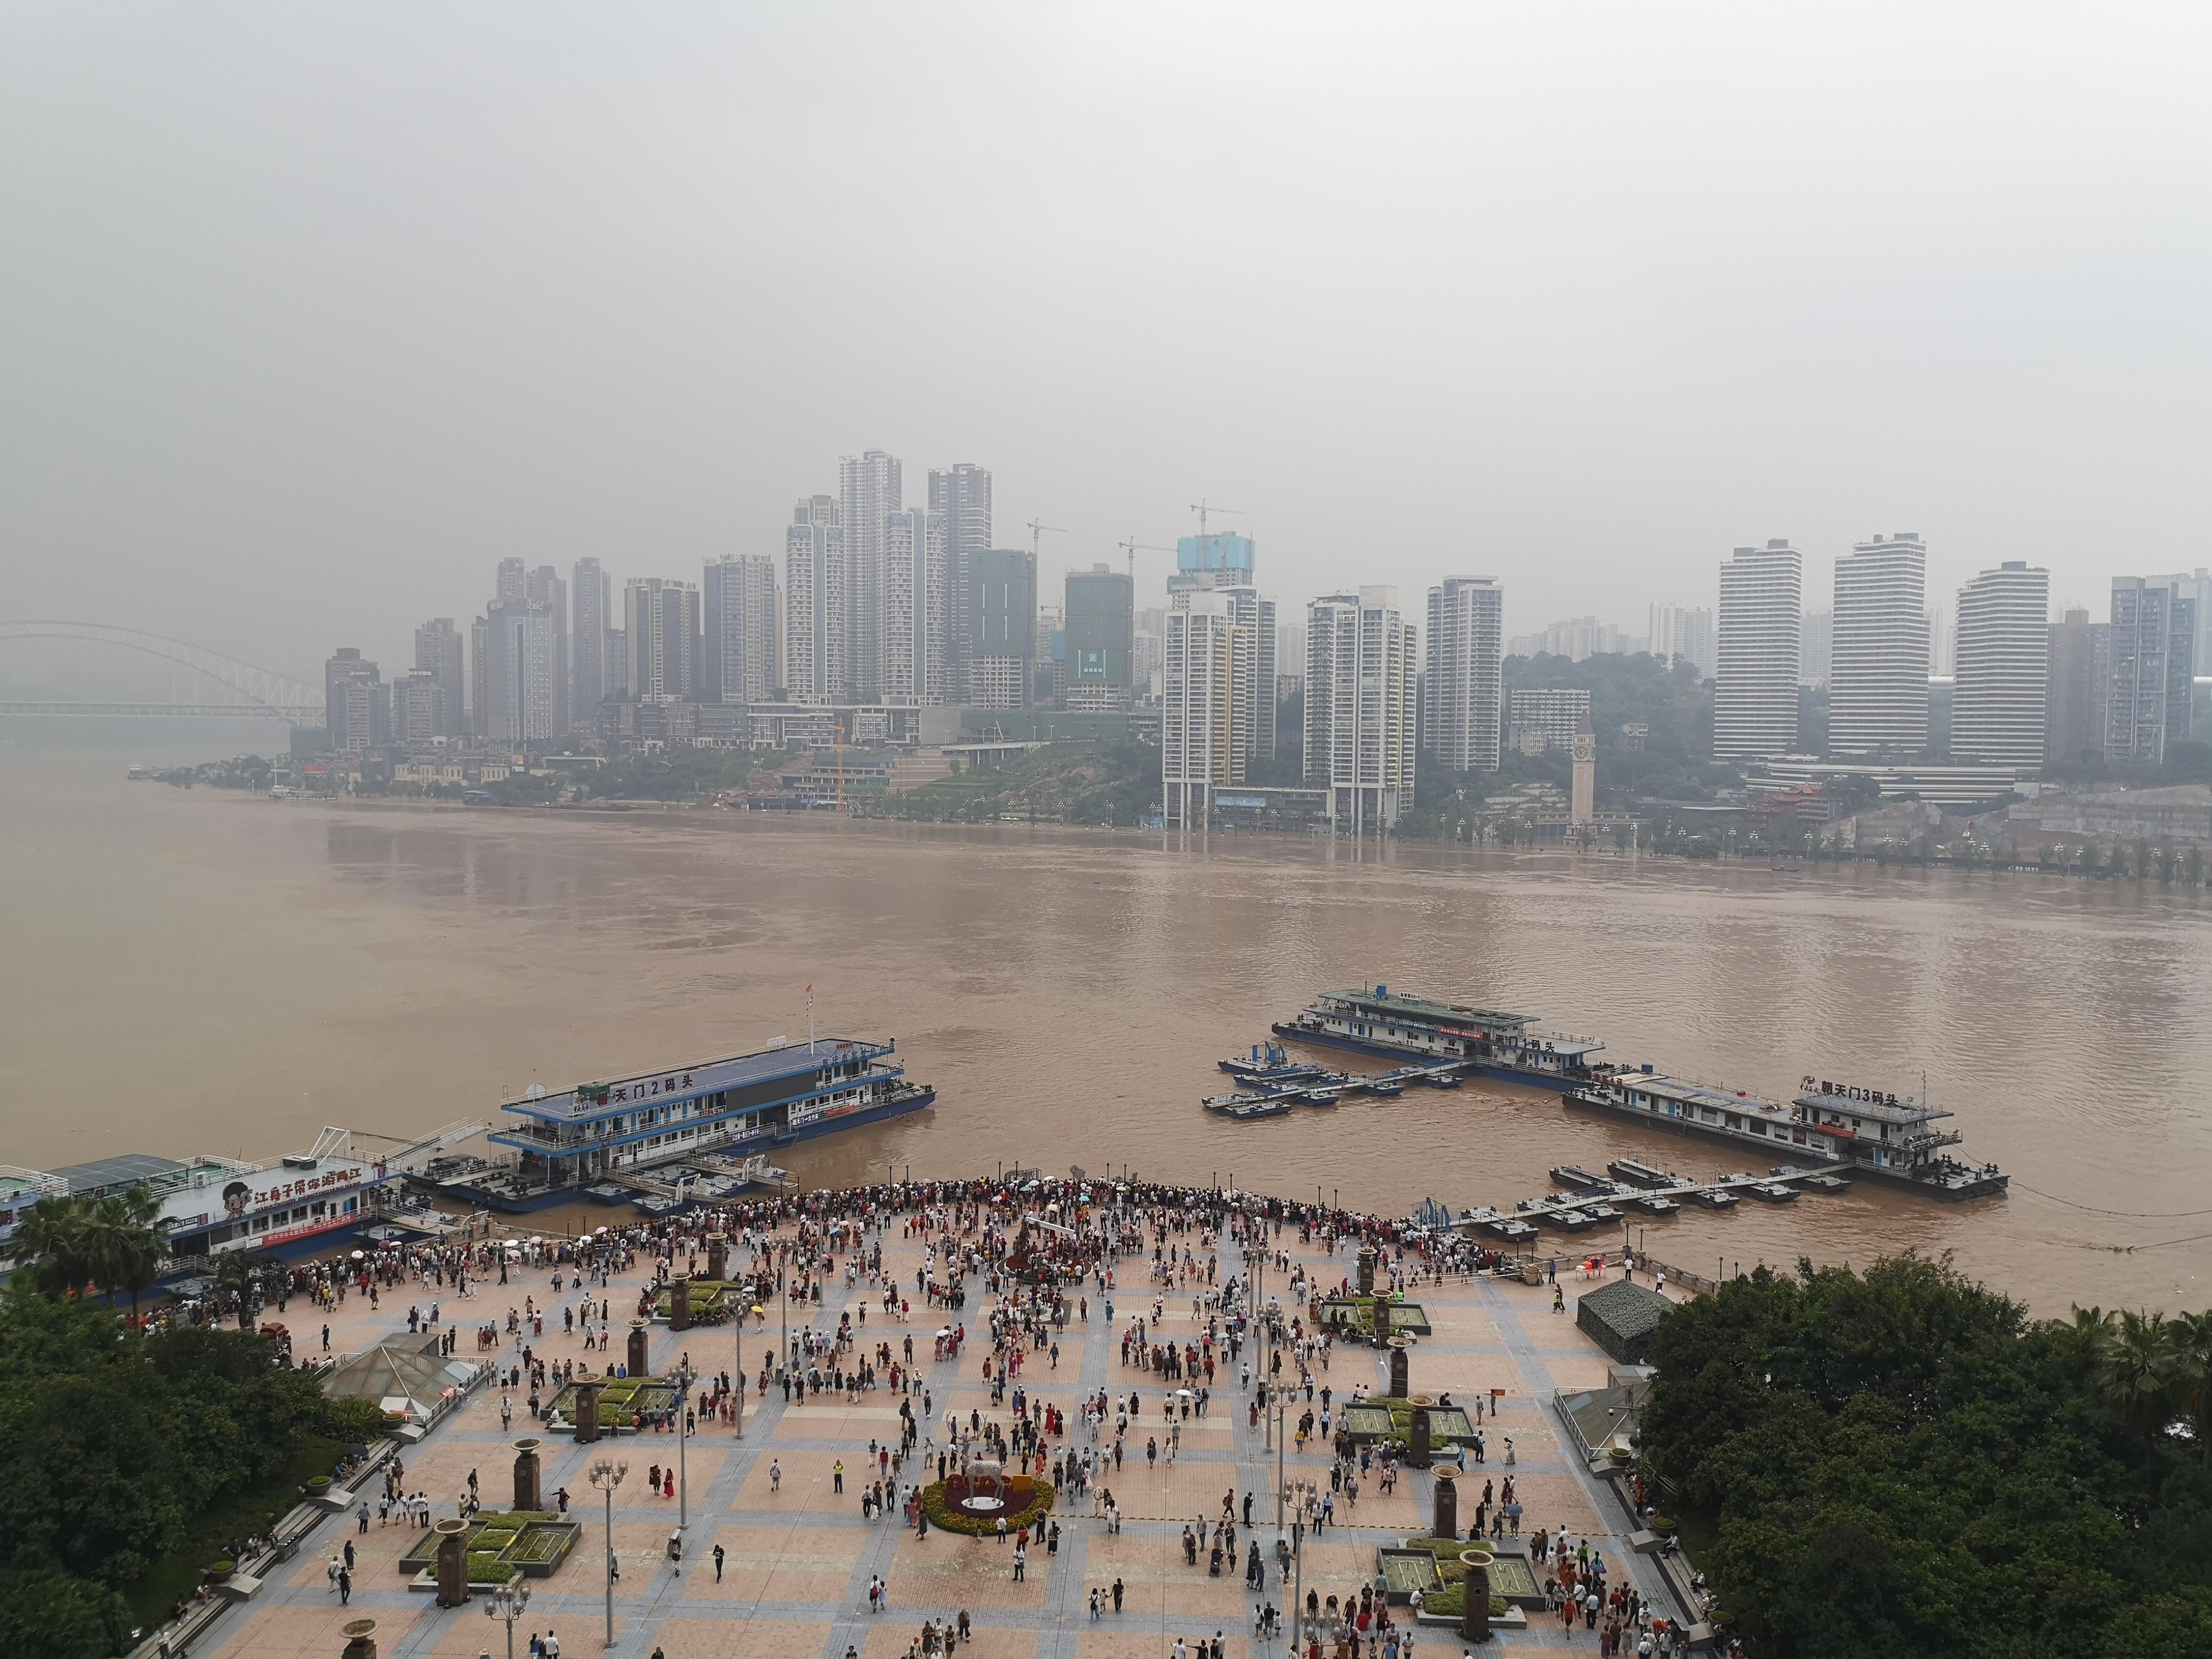 8月20日中午,重庆朝天门两江交汇处,不少市民在广场上看洪水。